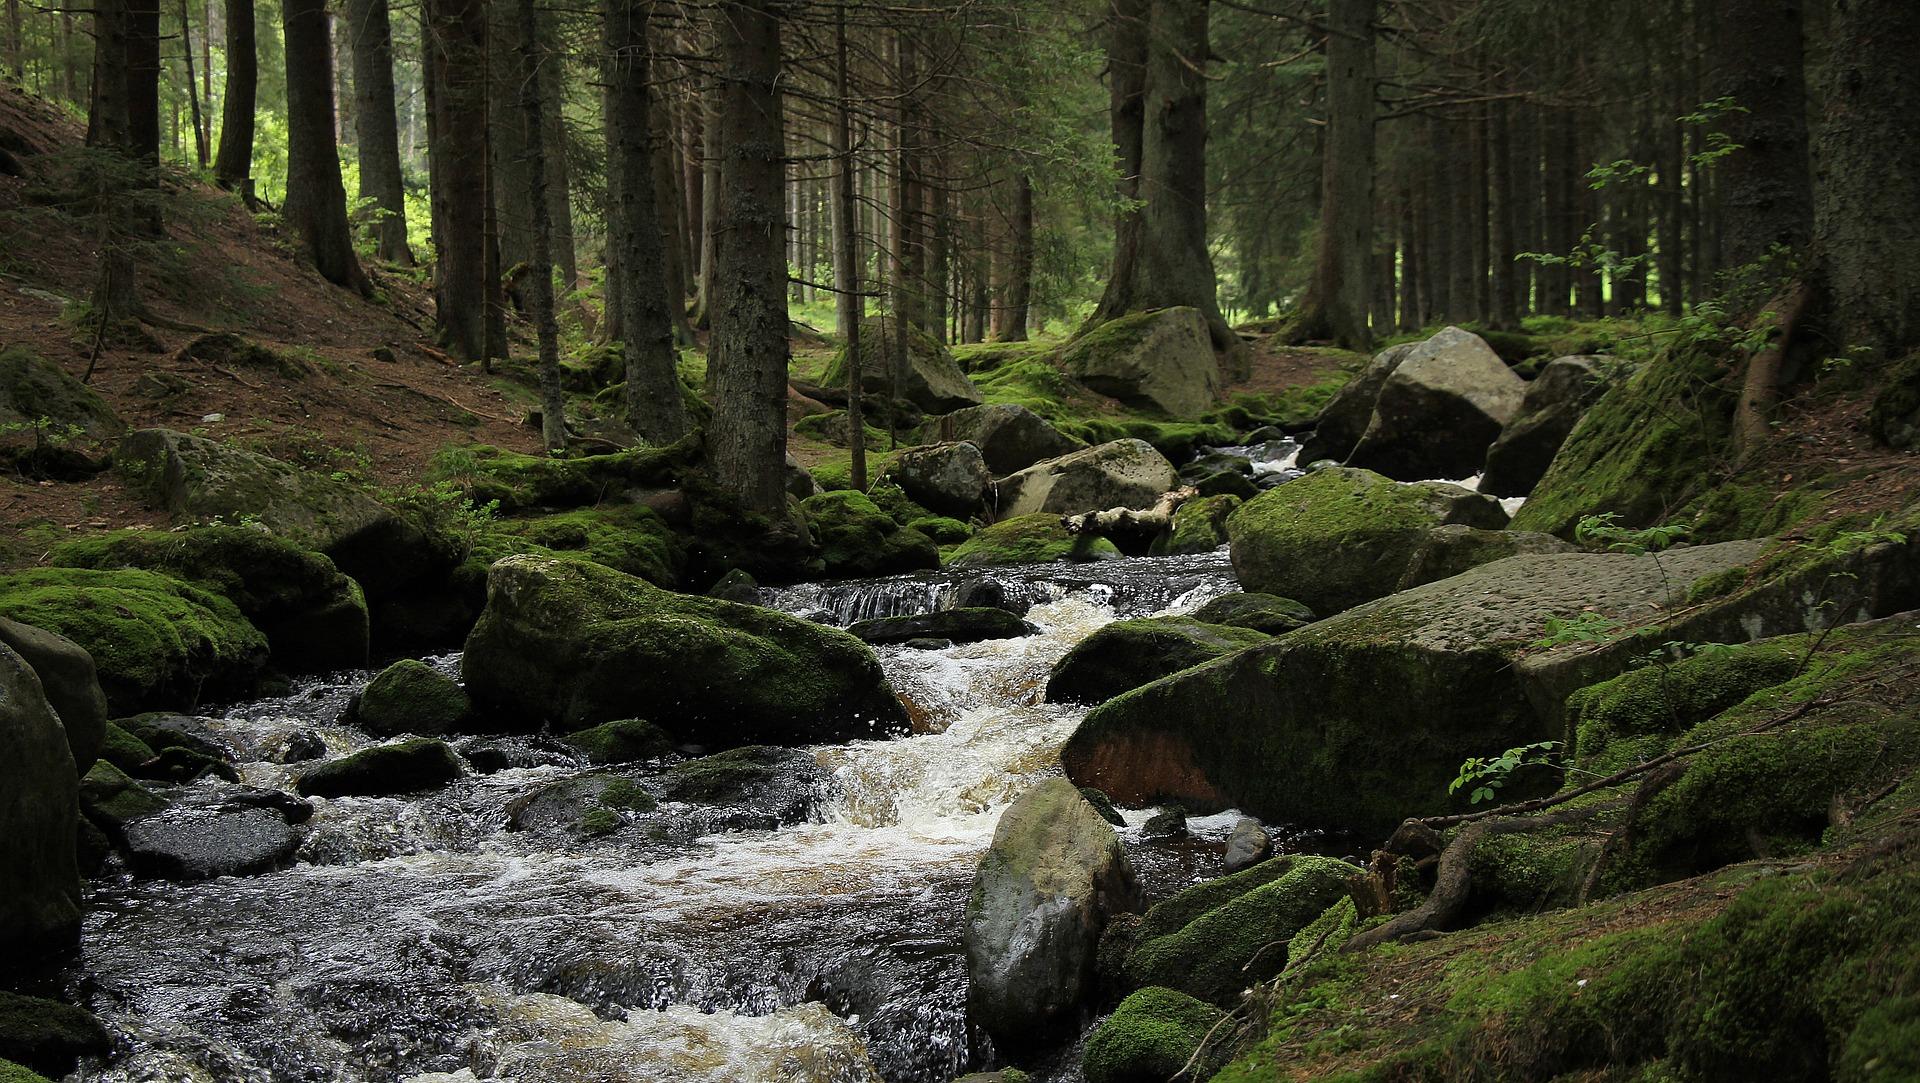 Je maakt een uitstapje naar de bron van de bekendste en langste rivier van Tsjechië: de Vltava (Moldau). Deze rivier is uitgegroeid tot een nationaal symbool van Tsjechië.